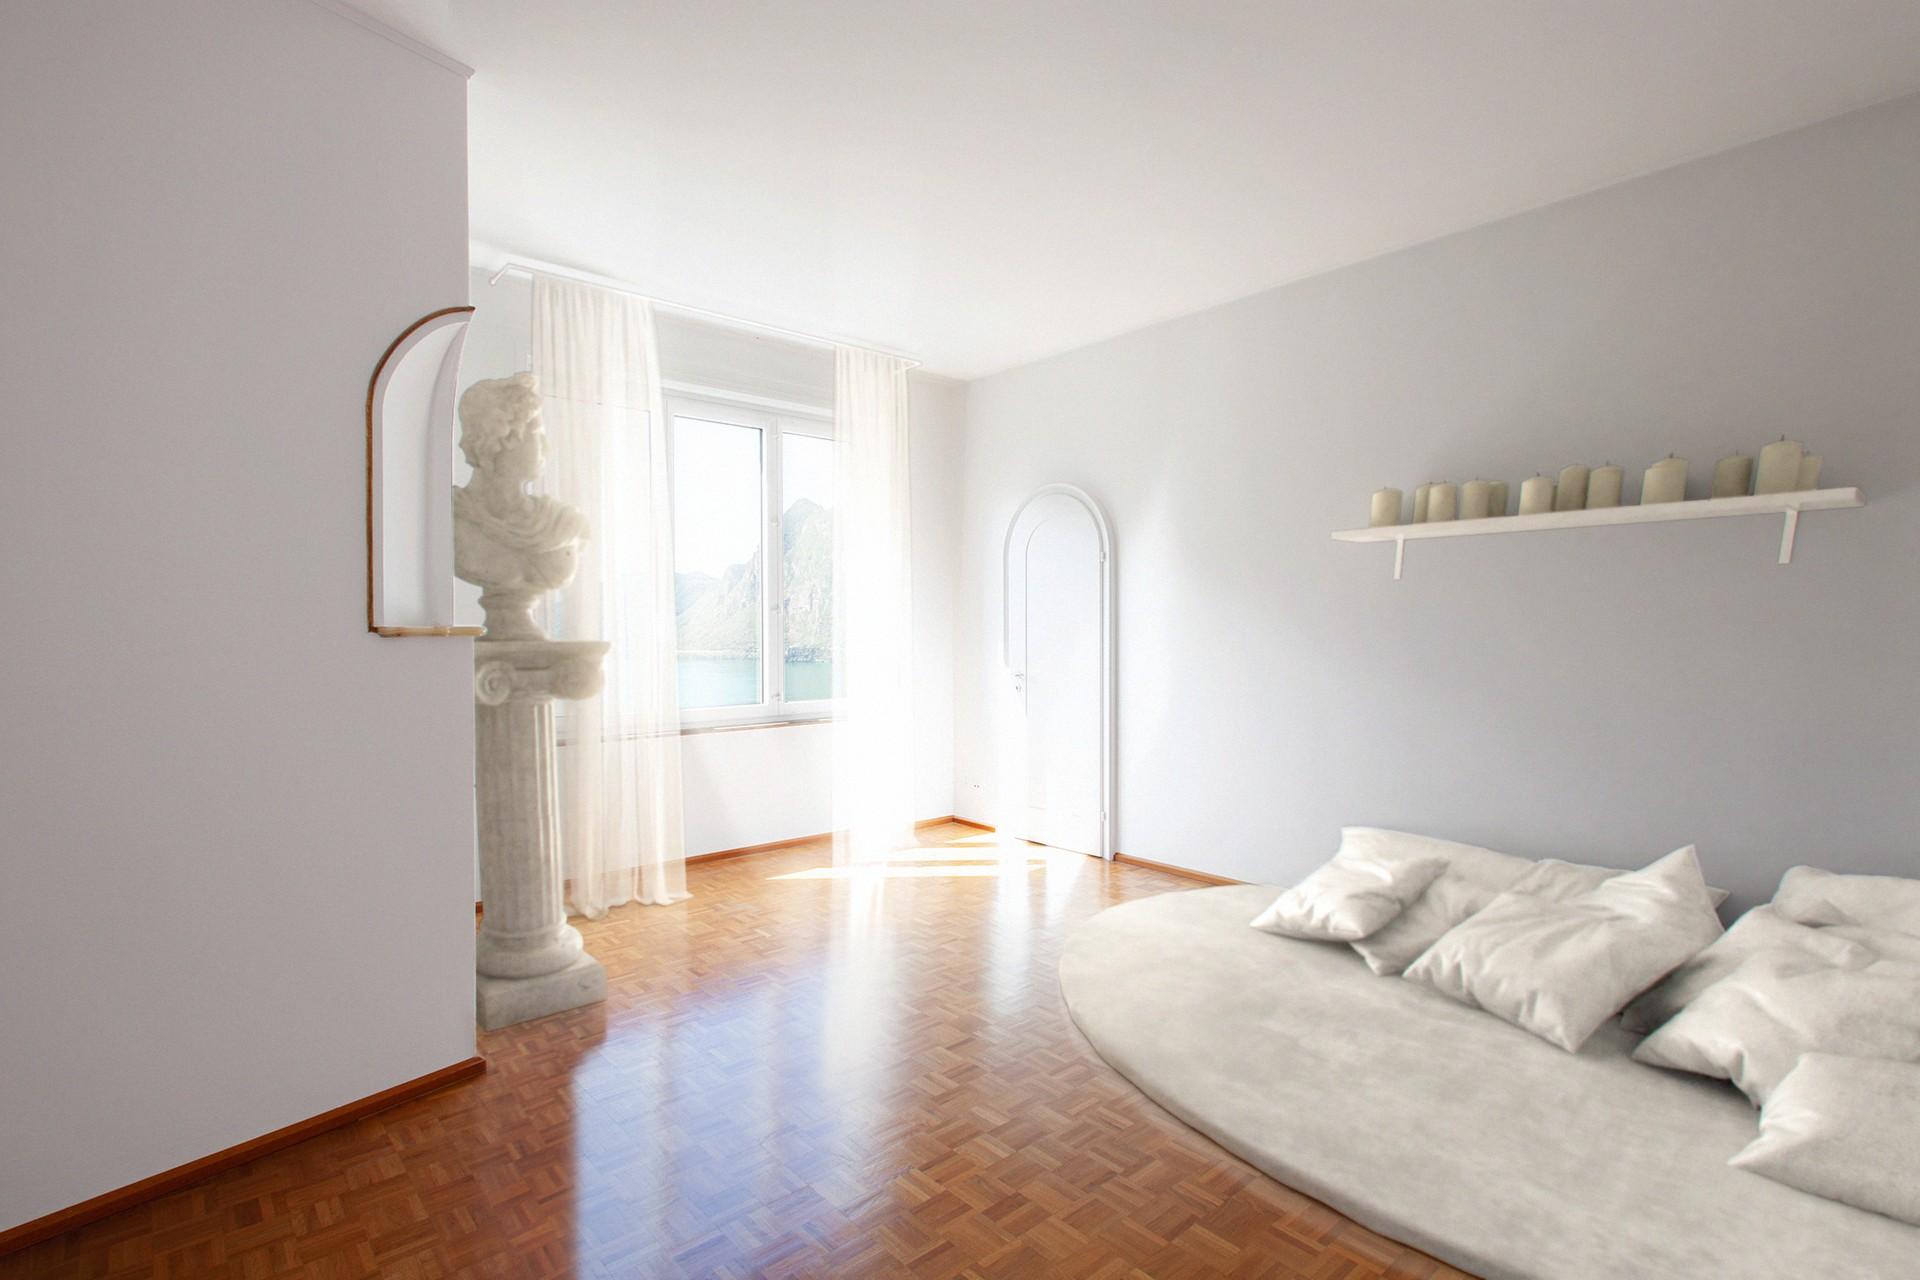 Beispiel Virtuelles Homestaging mit digitalen Möbeln